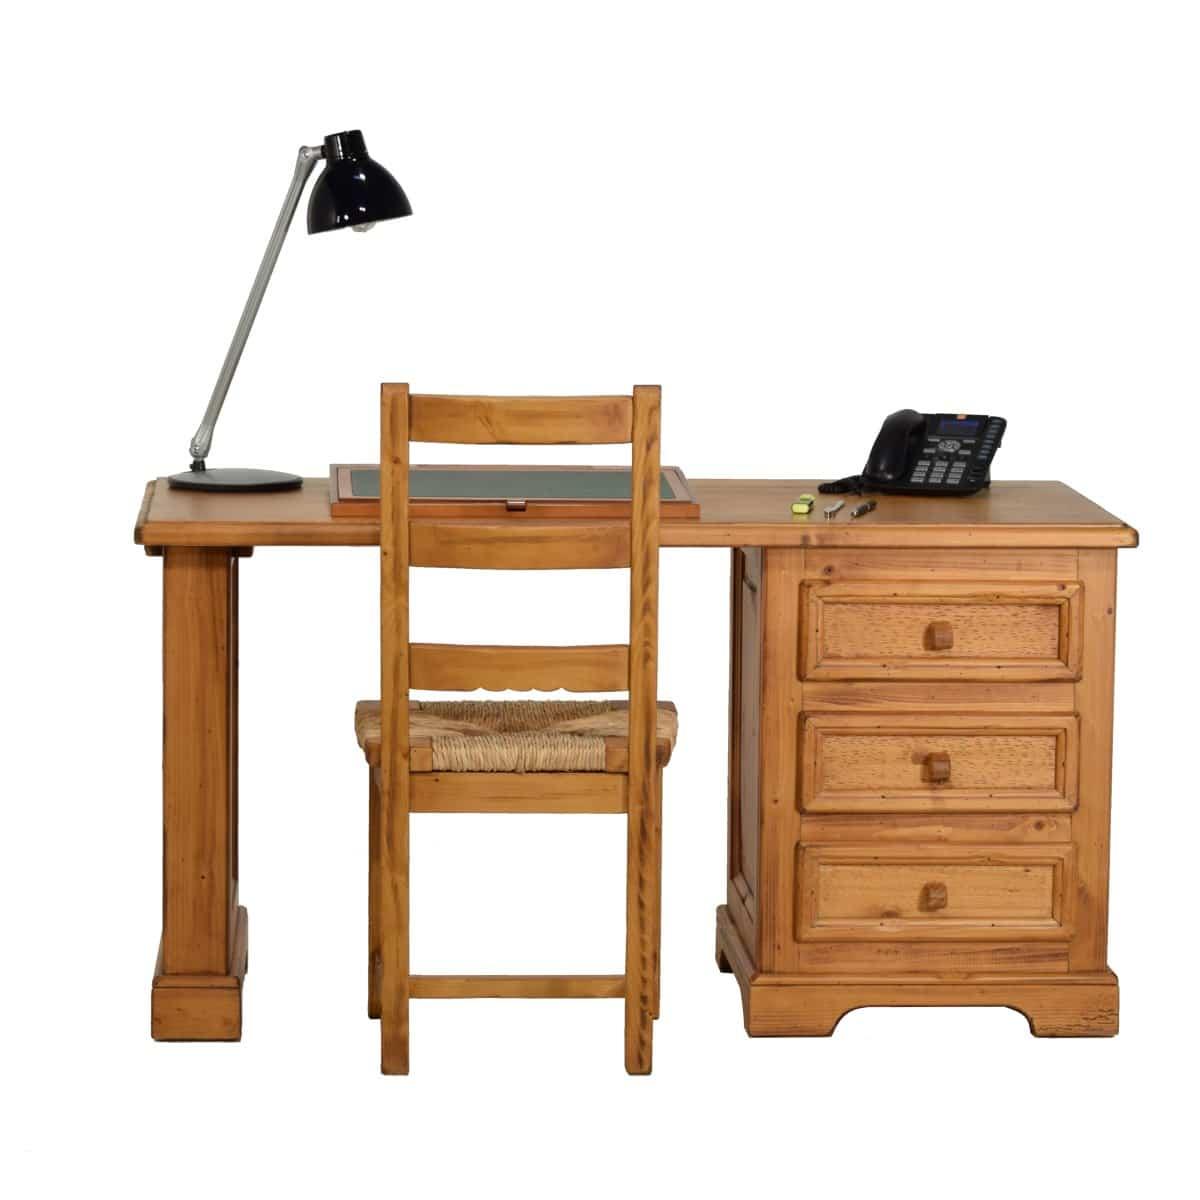 Escritorio r stico de madera peque o cajones ecor stico - Botelleros de madera rusticos ...